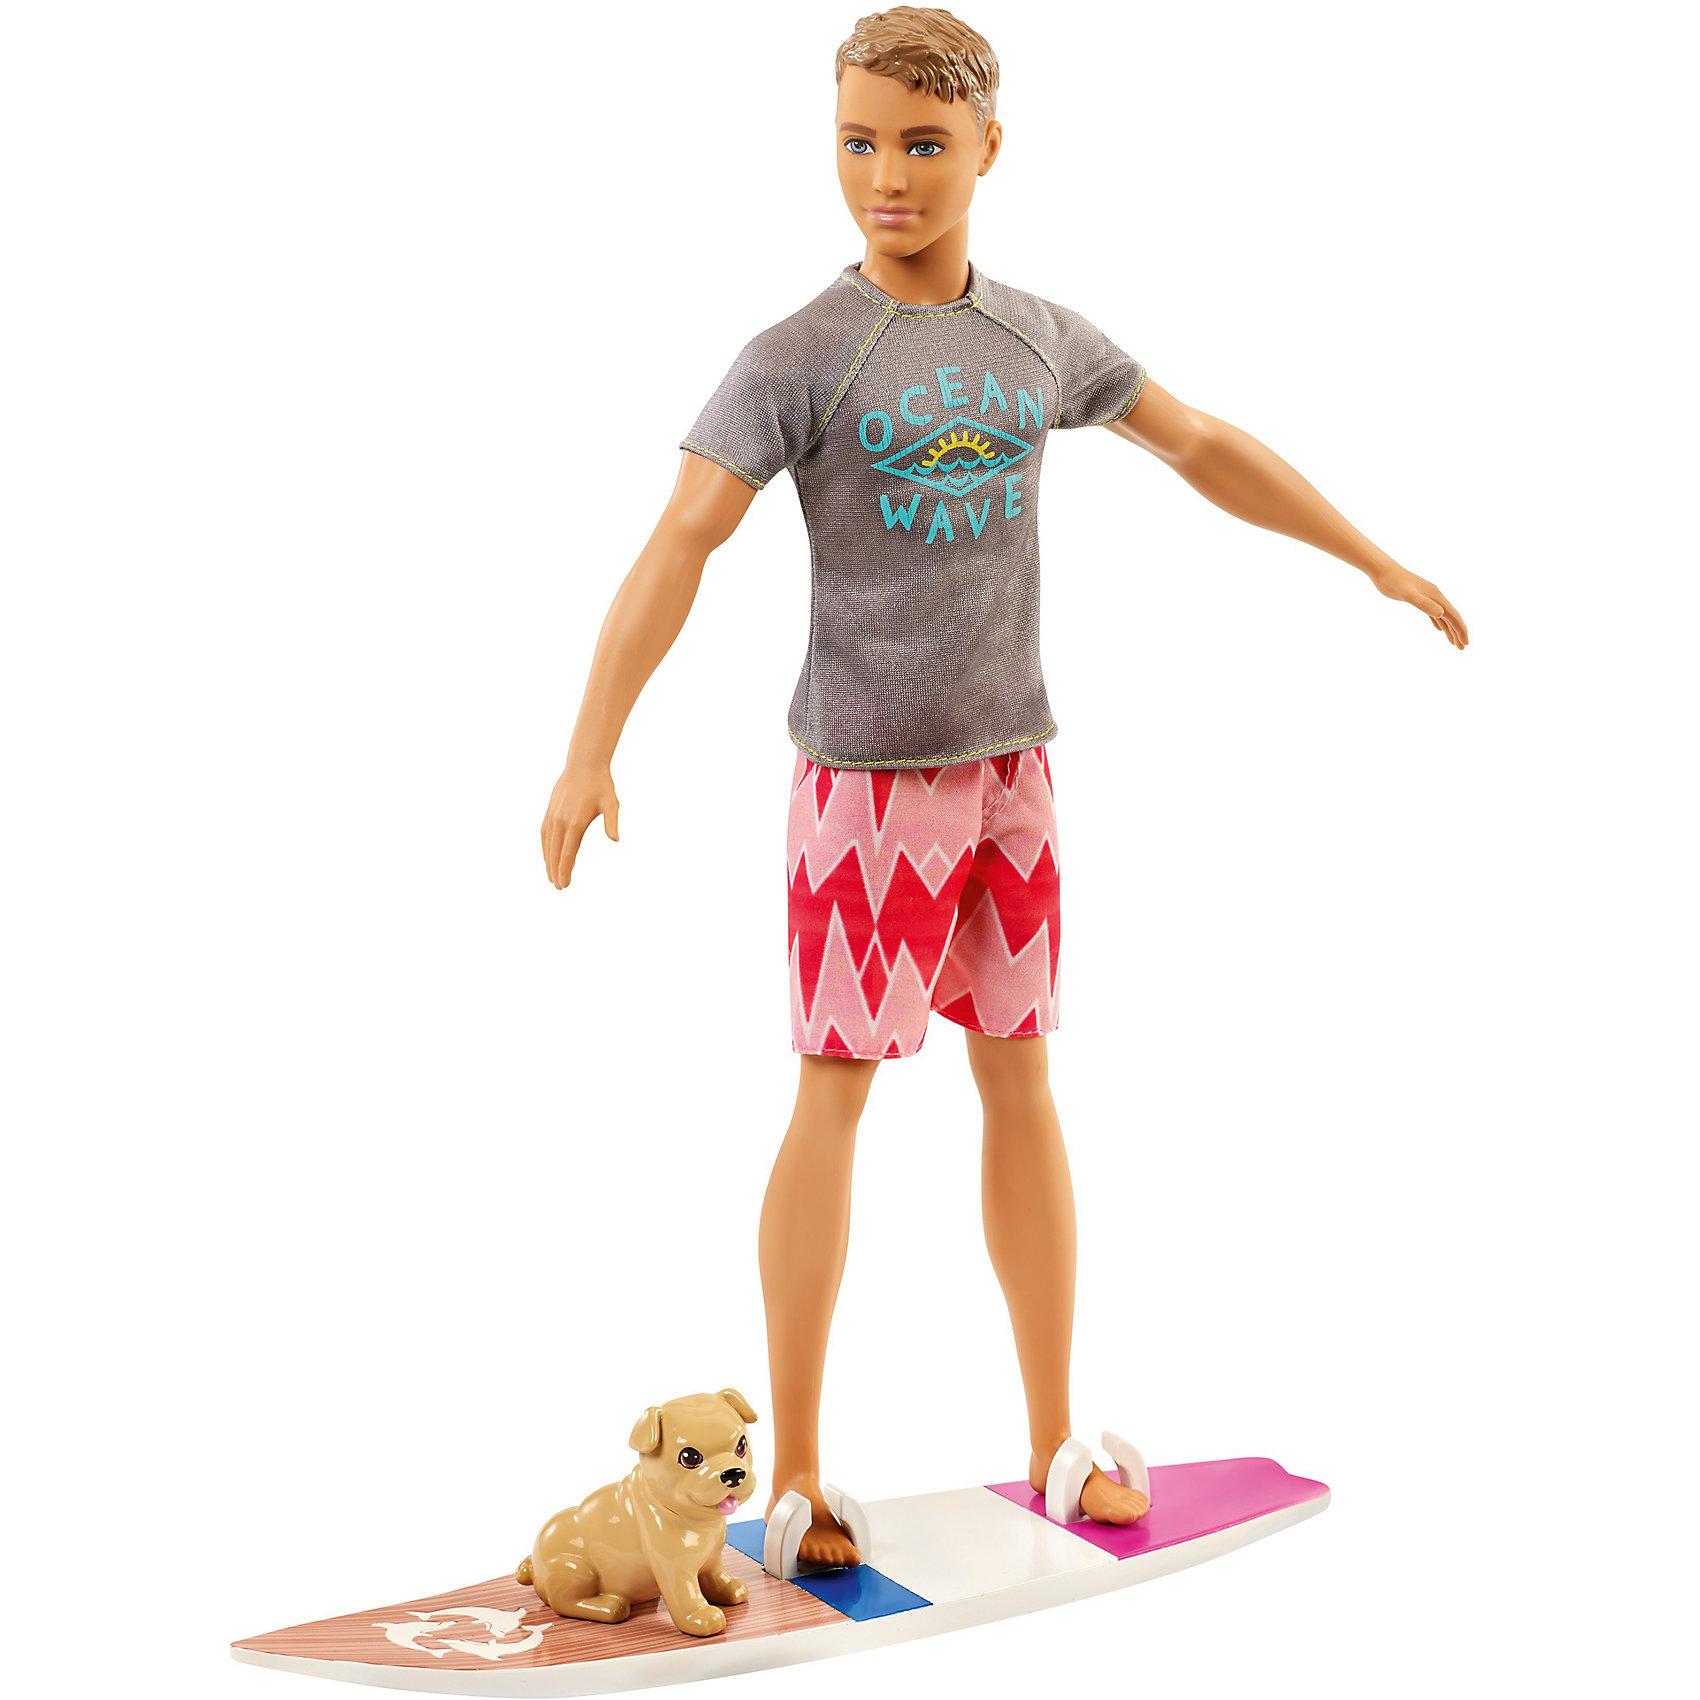 Кукла Barbie Кен из серии «Морские приключения»Куклы-модели<br>Характеристики товара:<br><br>• возраст: от 3 лет<br>• материал: пластик;<br>• высота куклы: 28-30 см<br>• аксессуары в комплекте<br>• размер упаковки: 32,5X23X6 см<br>• страна бренда: США<br><br>В игровом наборе Кен - Морские приключения есть очаровательный щенок и доска для серфинга, чтобы отправиться навстречу тропическим приключениям!<br><br> Ken™ одет в серую футболку с рисунком волны, розовые шорты с узором и белые кроссовки и готов к развлечениям на воде. Его доска для серфинга украшена цветными полосками, ретро-отделкой под дерево и изображением дельфина. <br><br>Помести его ноги в специальные держатели и готовься оседлать волну. А маленький щенок может ехать позади.<br><br>Куклу Barbie Кен из серии «Морские приключения» можно купить в нашем интернет-магазине.<br><br>Ширина мм: 324<br>Глубина мм: 154<br>Высота мм: 66<br>Вес г: 275<br>Возраст от месяцев: 36<br>Возраст до месяцев: 72<br>Пол: Женский<br>Возраст: Детский<br>SKU: 6739681